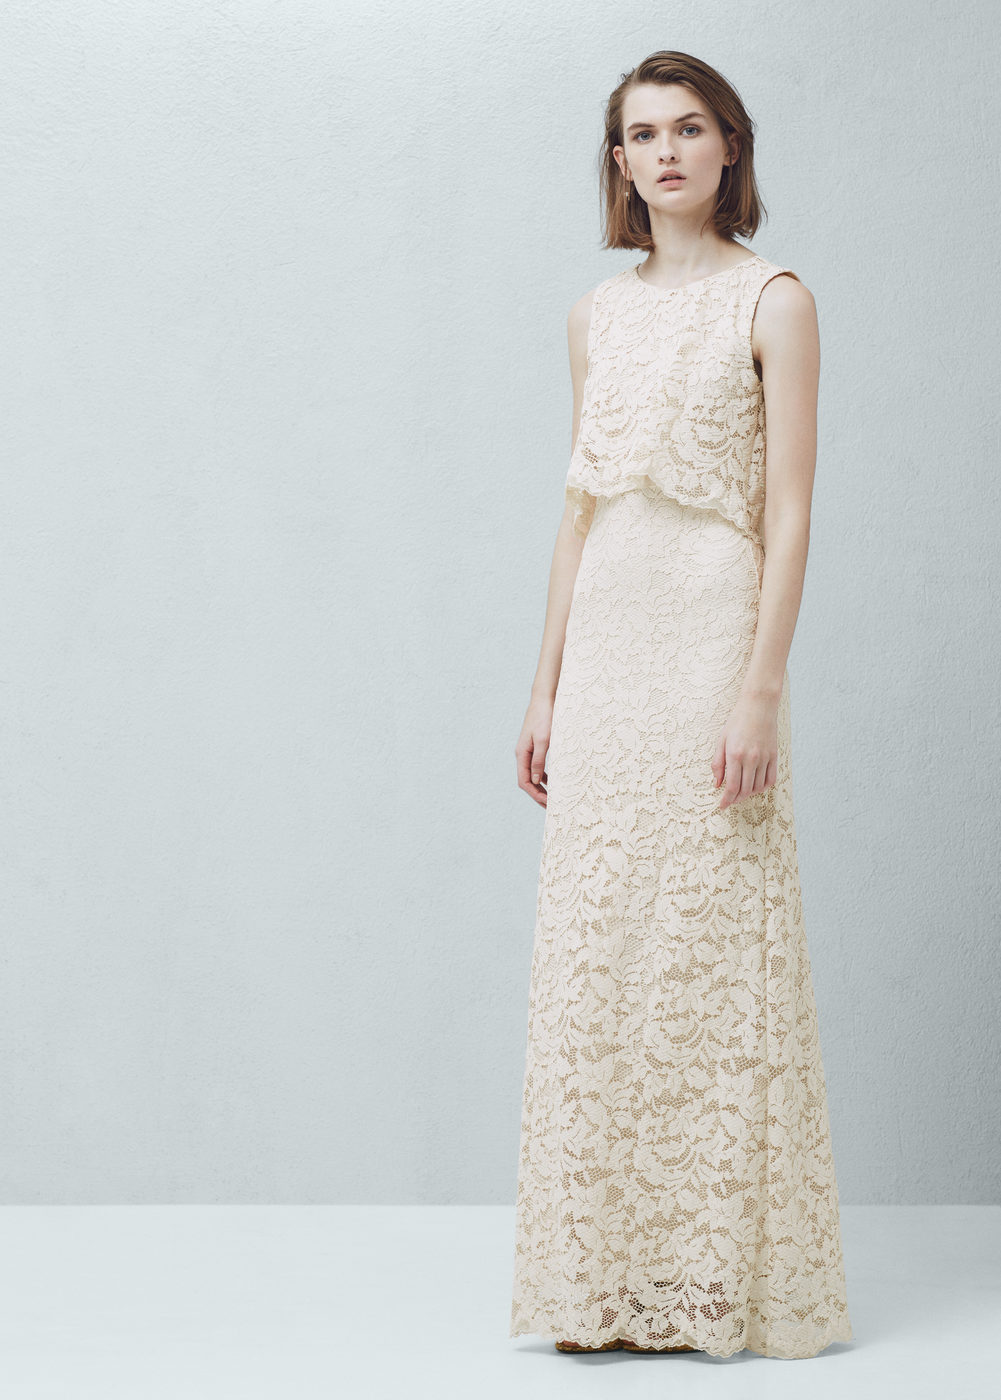 0efe56744b70 Je veux voir les différentes robes en dentelle de bonne qualité et pas cher  ICI Robe longue dentelle beige